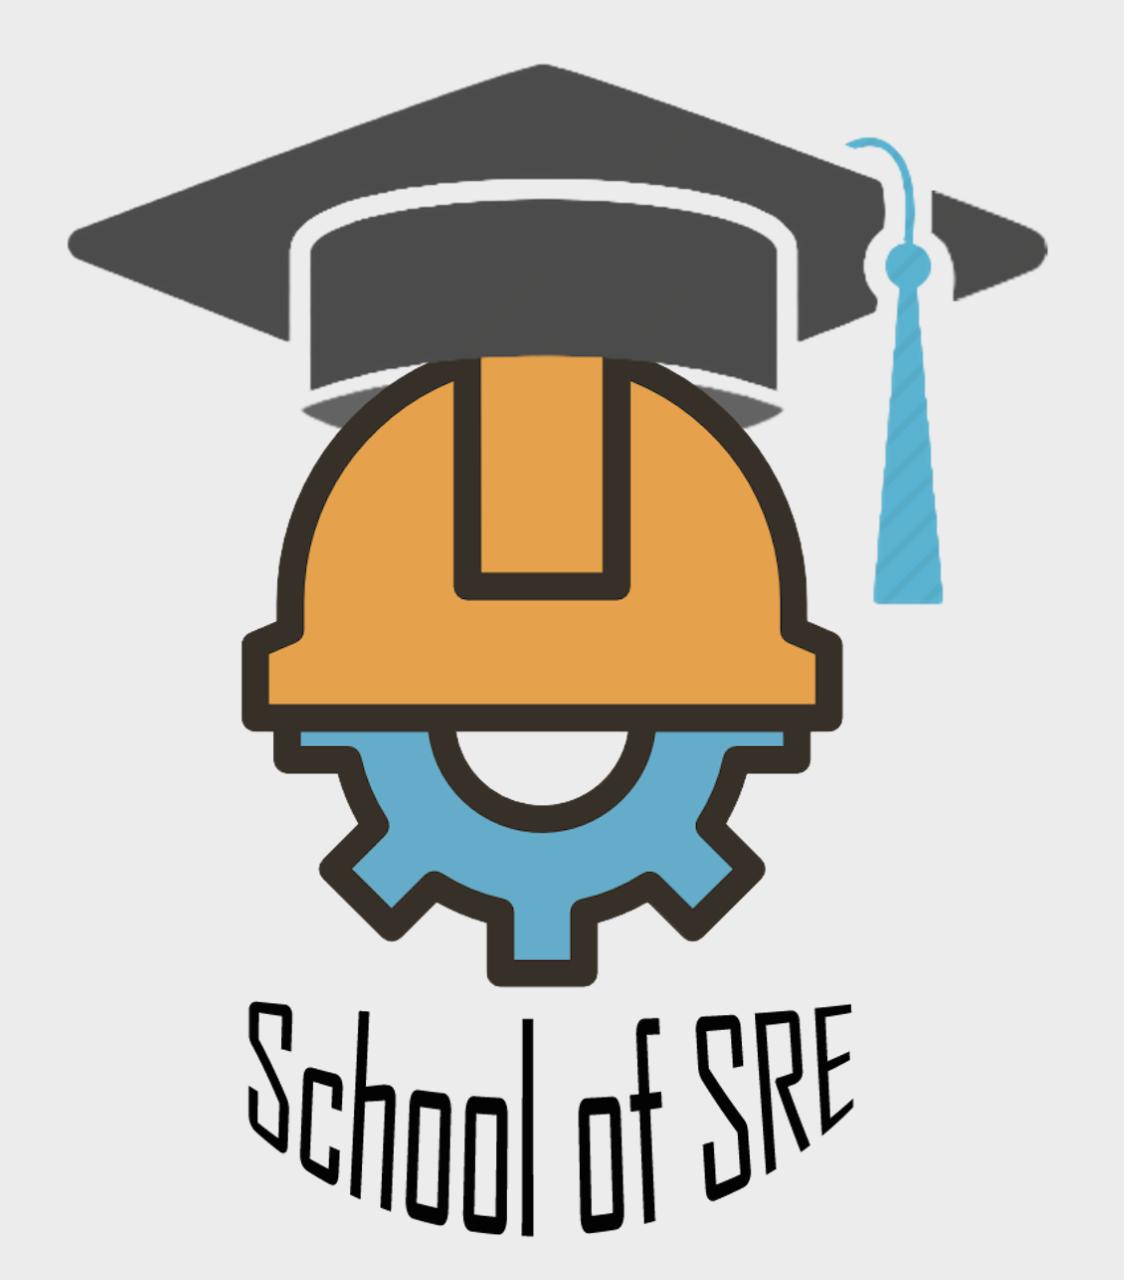 School of SRE